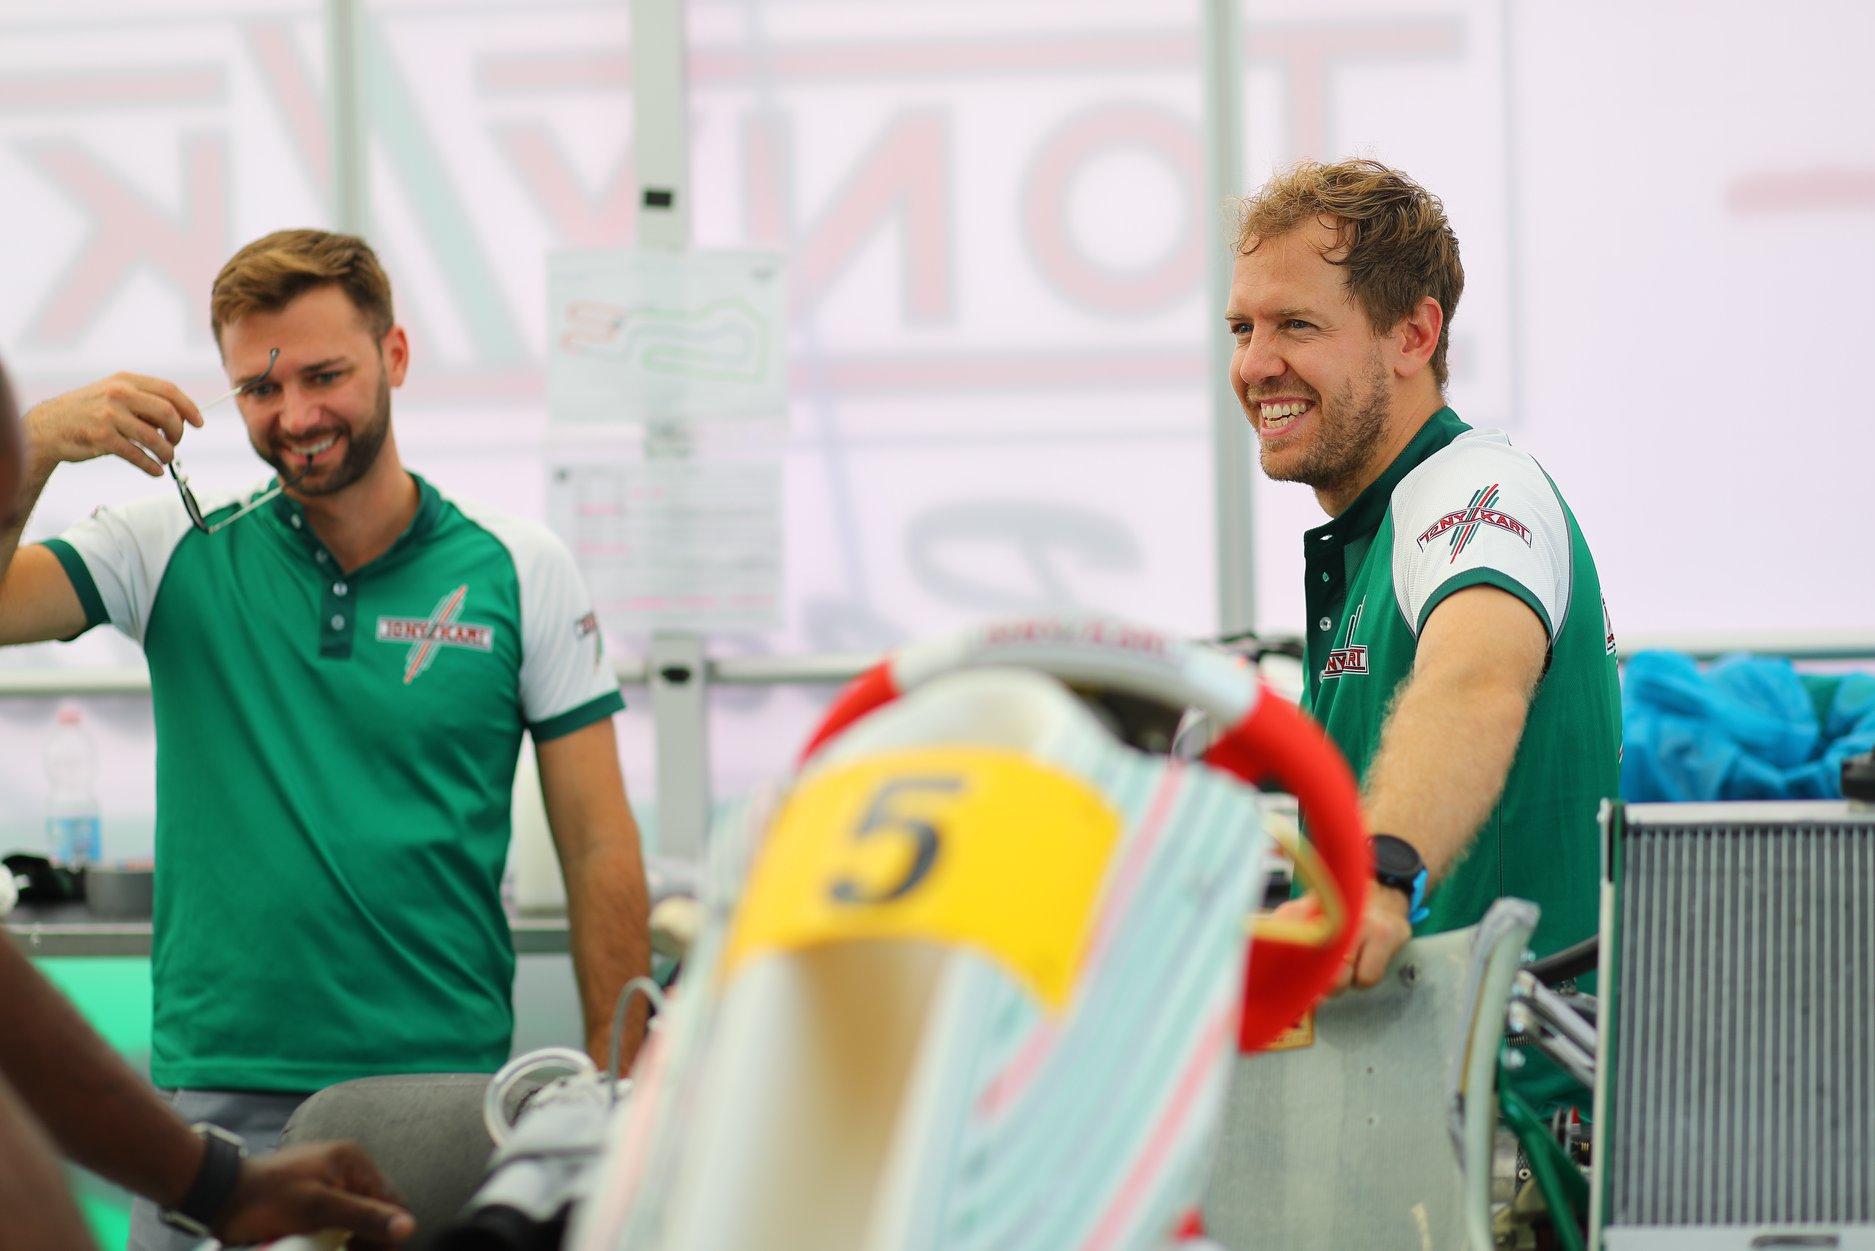 Sebastian_Vettel_testing_Tony_Kart_0000